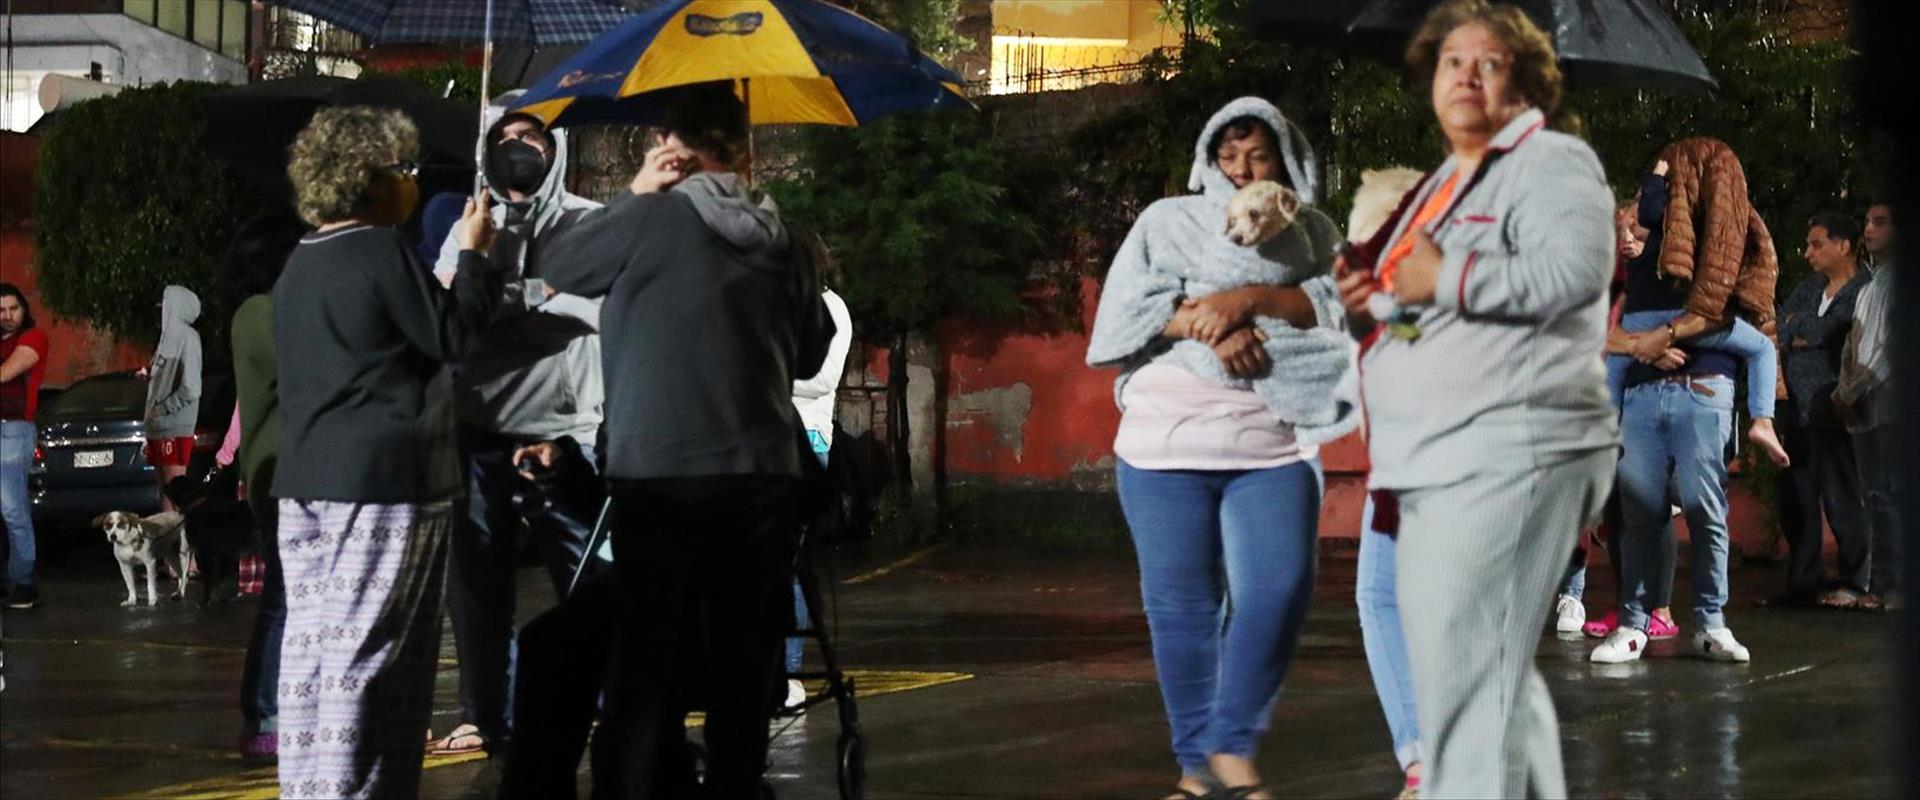 אזרחים ברחובות מקסיקו סיטי, היום